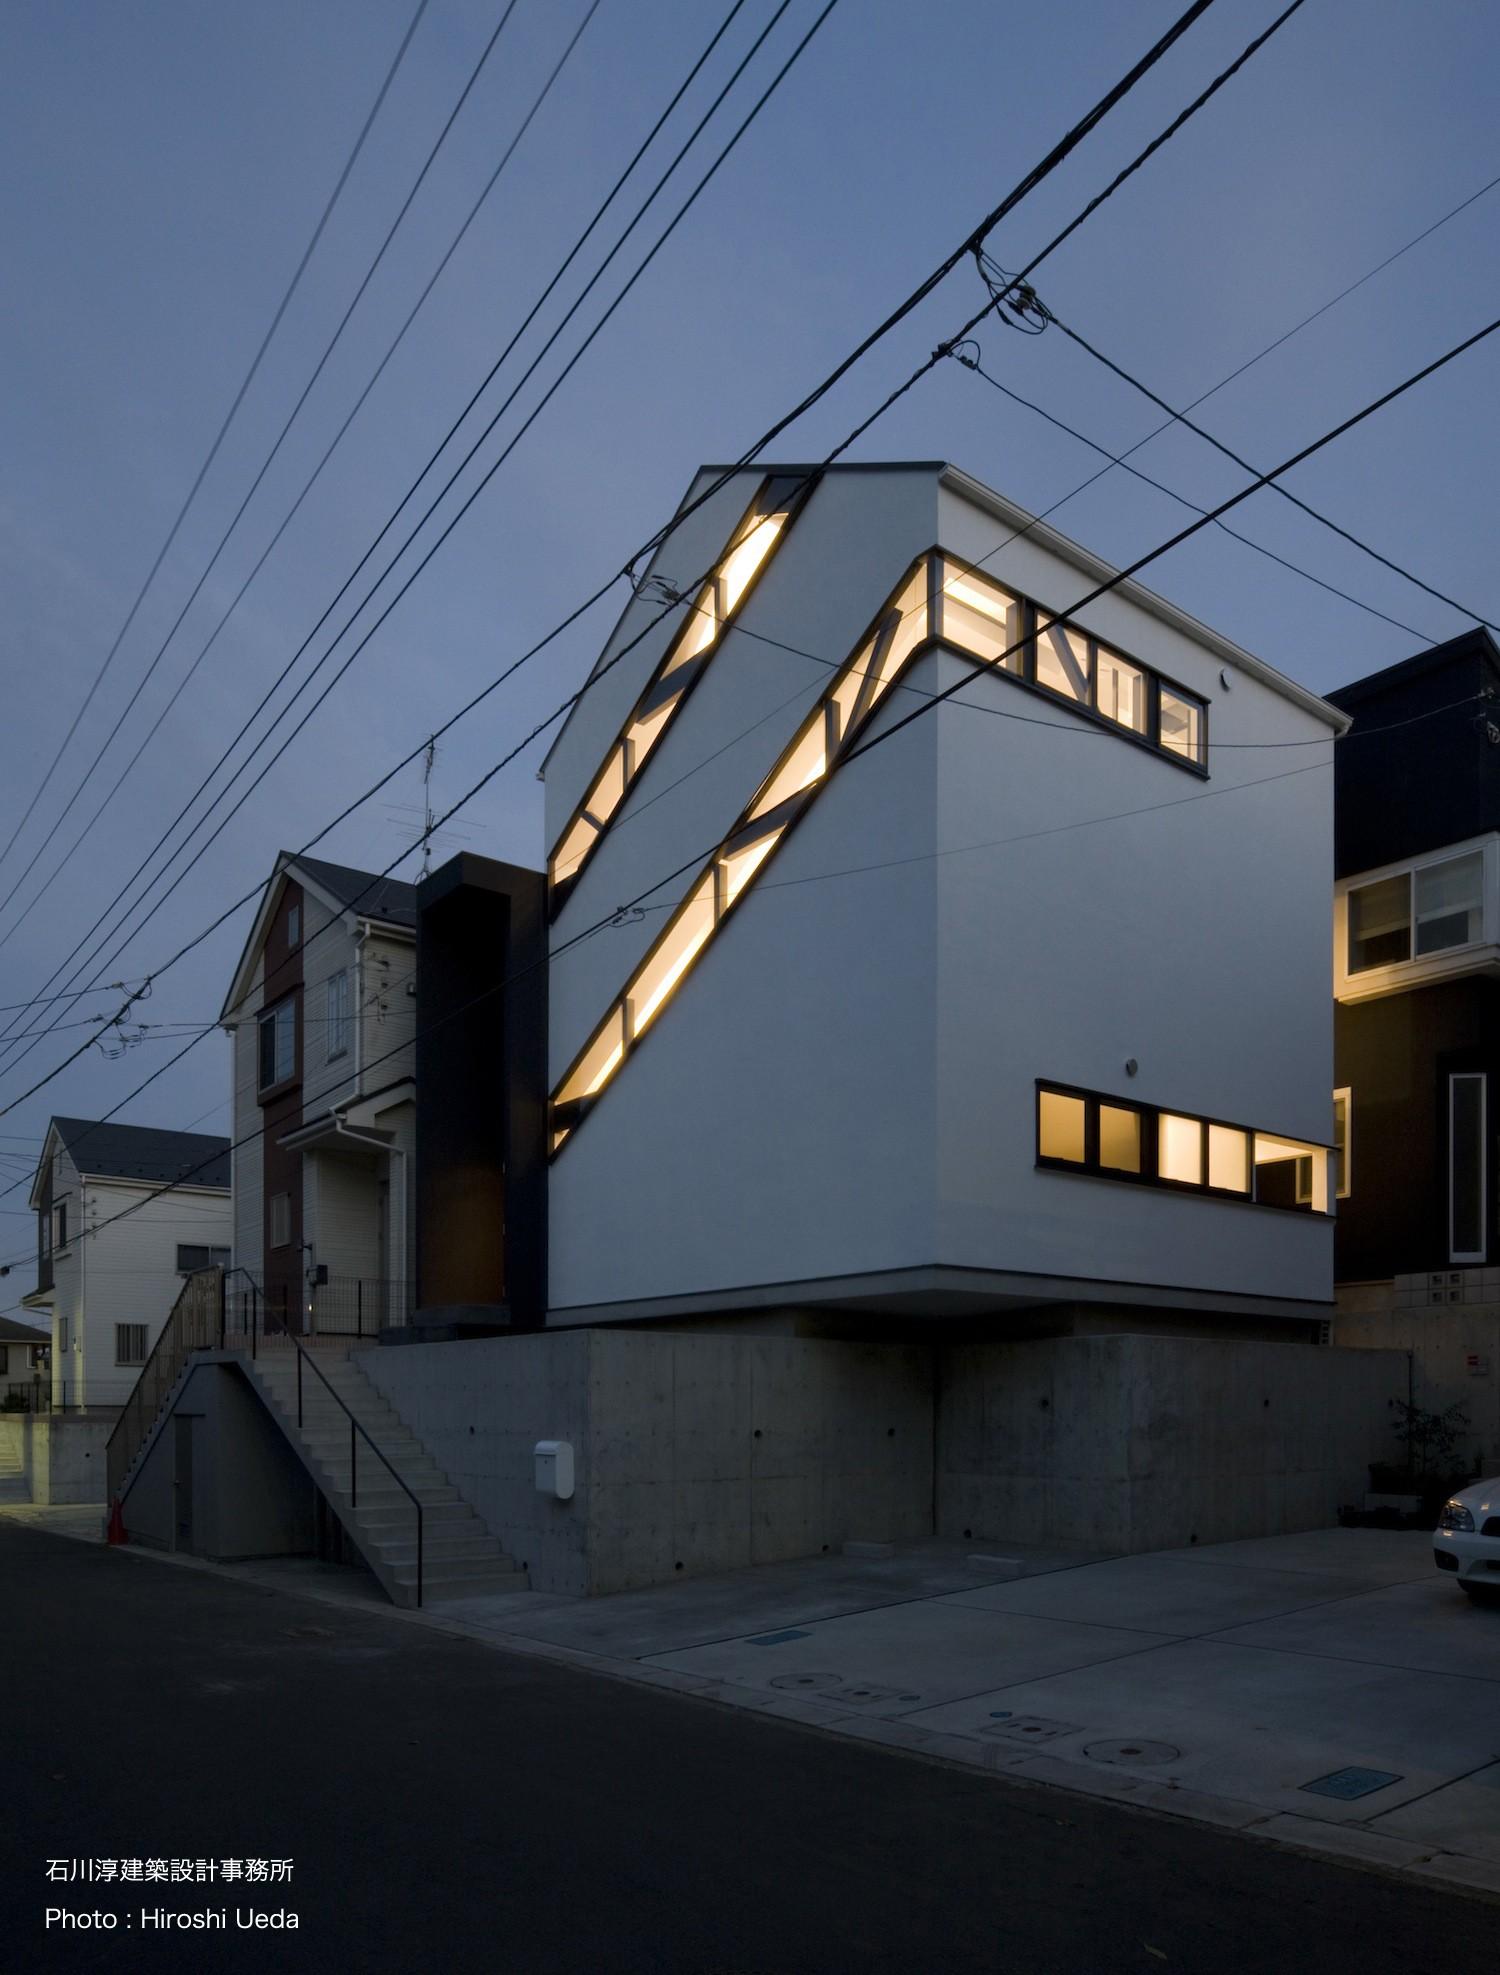 外観事例:斜め窓の家 OUCHI-06(デザイン住宅外観いろいろ)